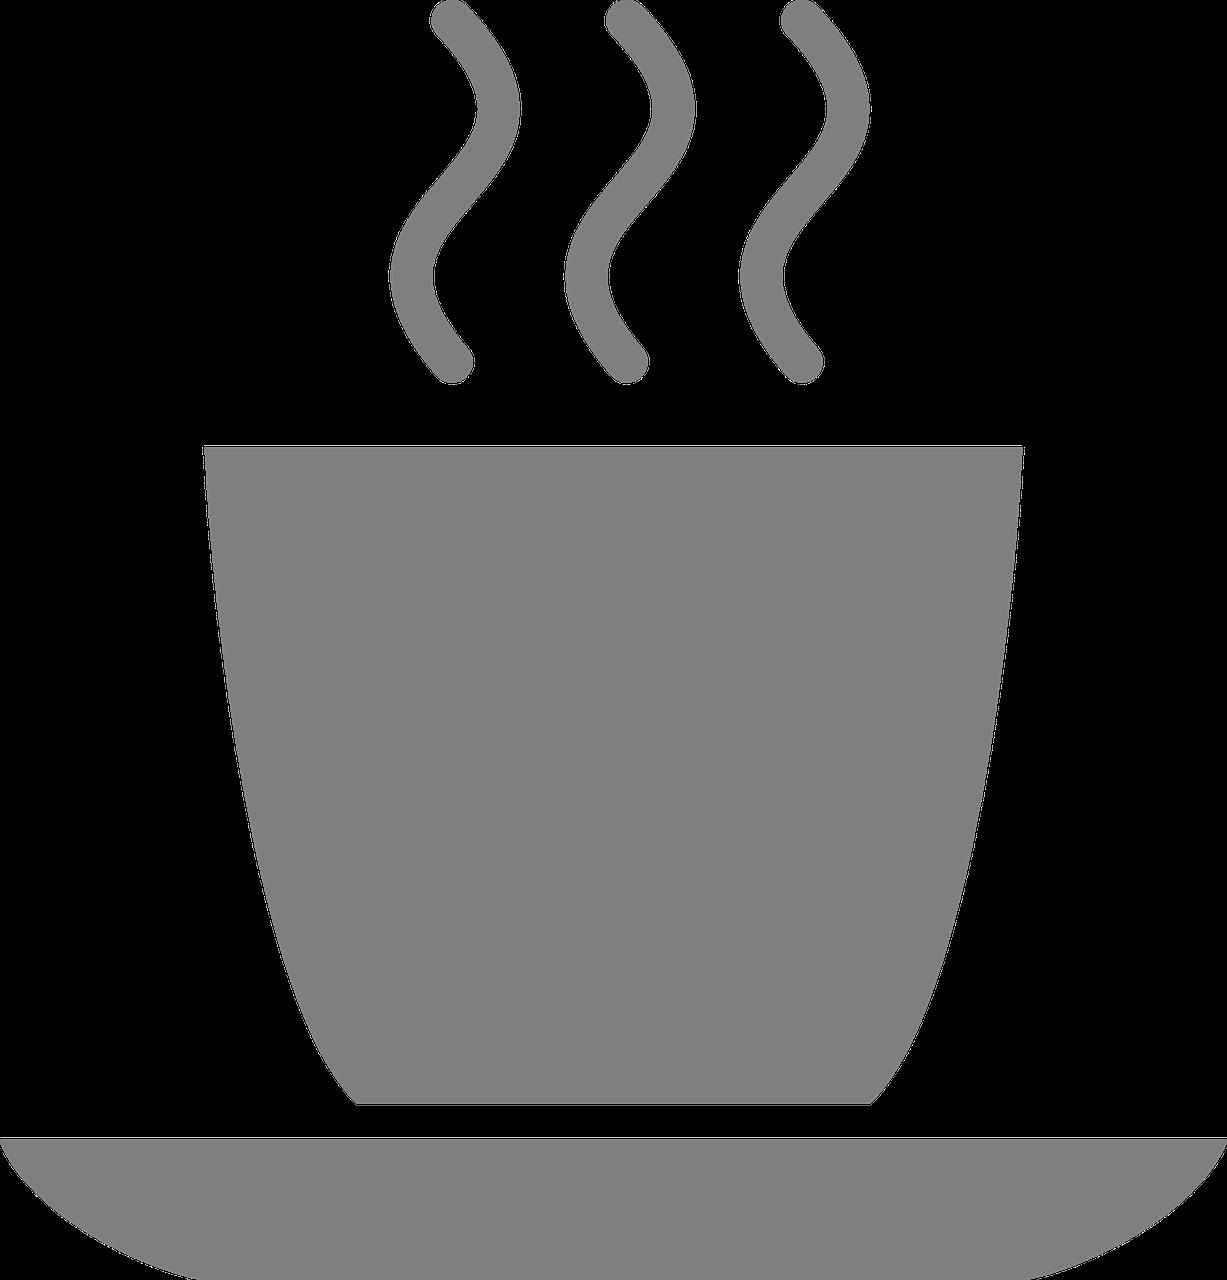 Hot clipart longer. Mug tea coffee beverage